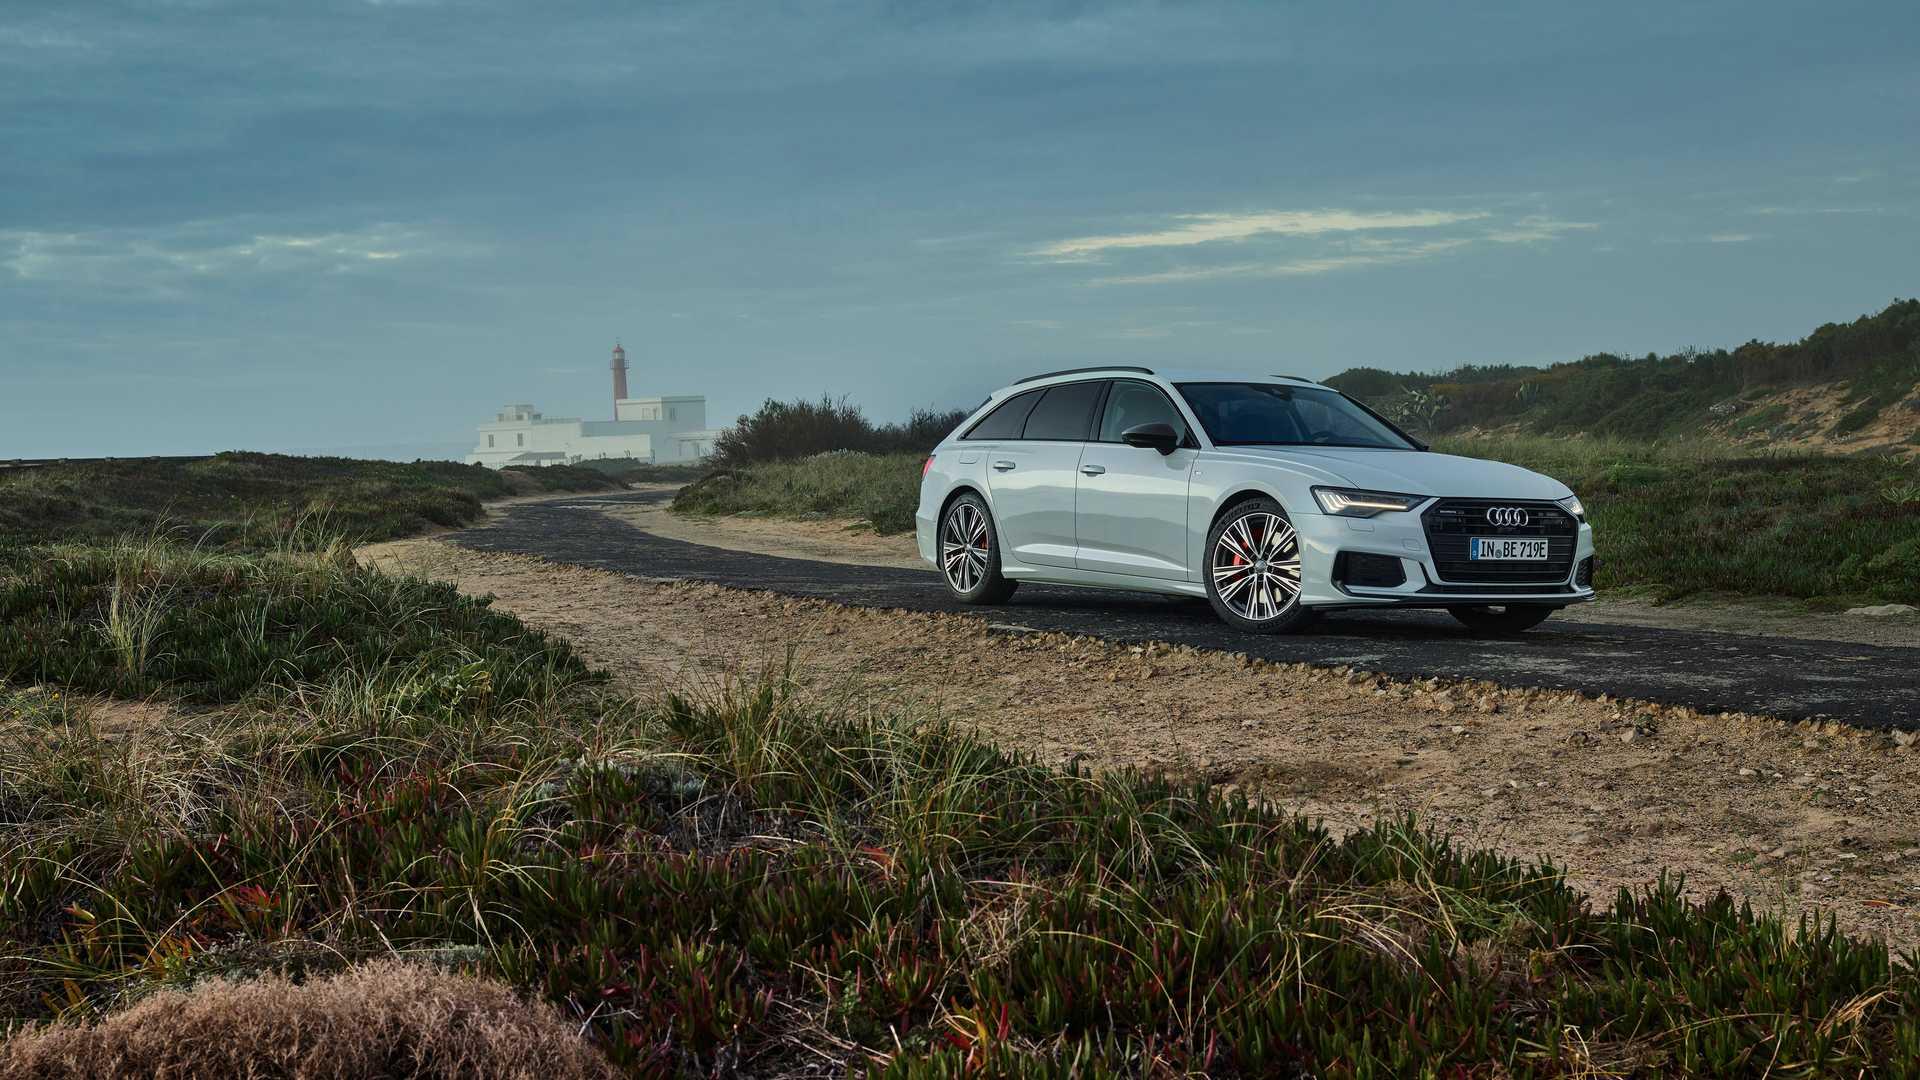 Audi A6 Avant 55 TFSIe Quattro 2020